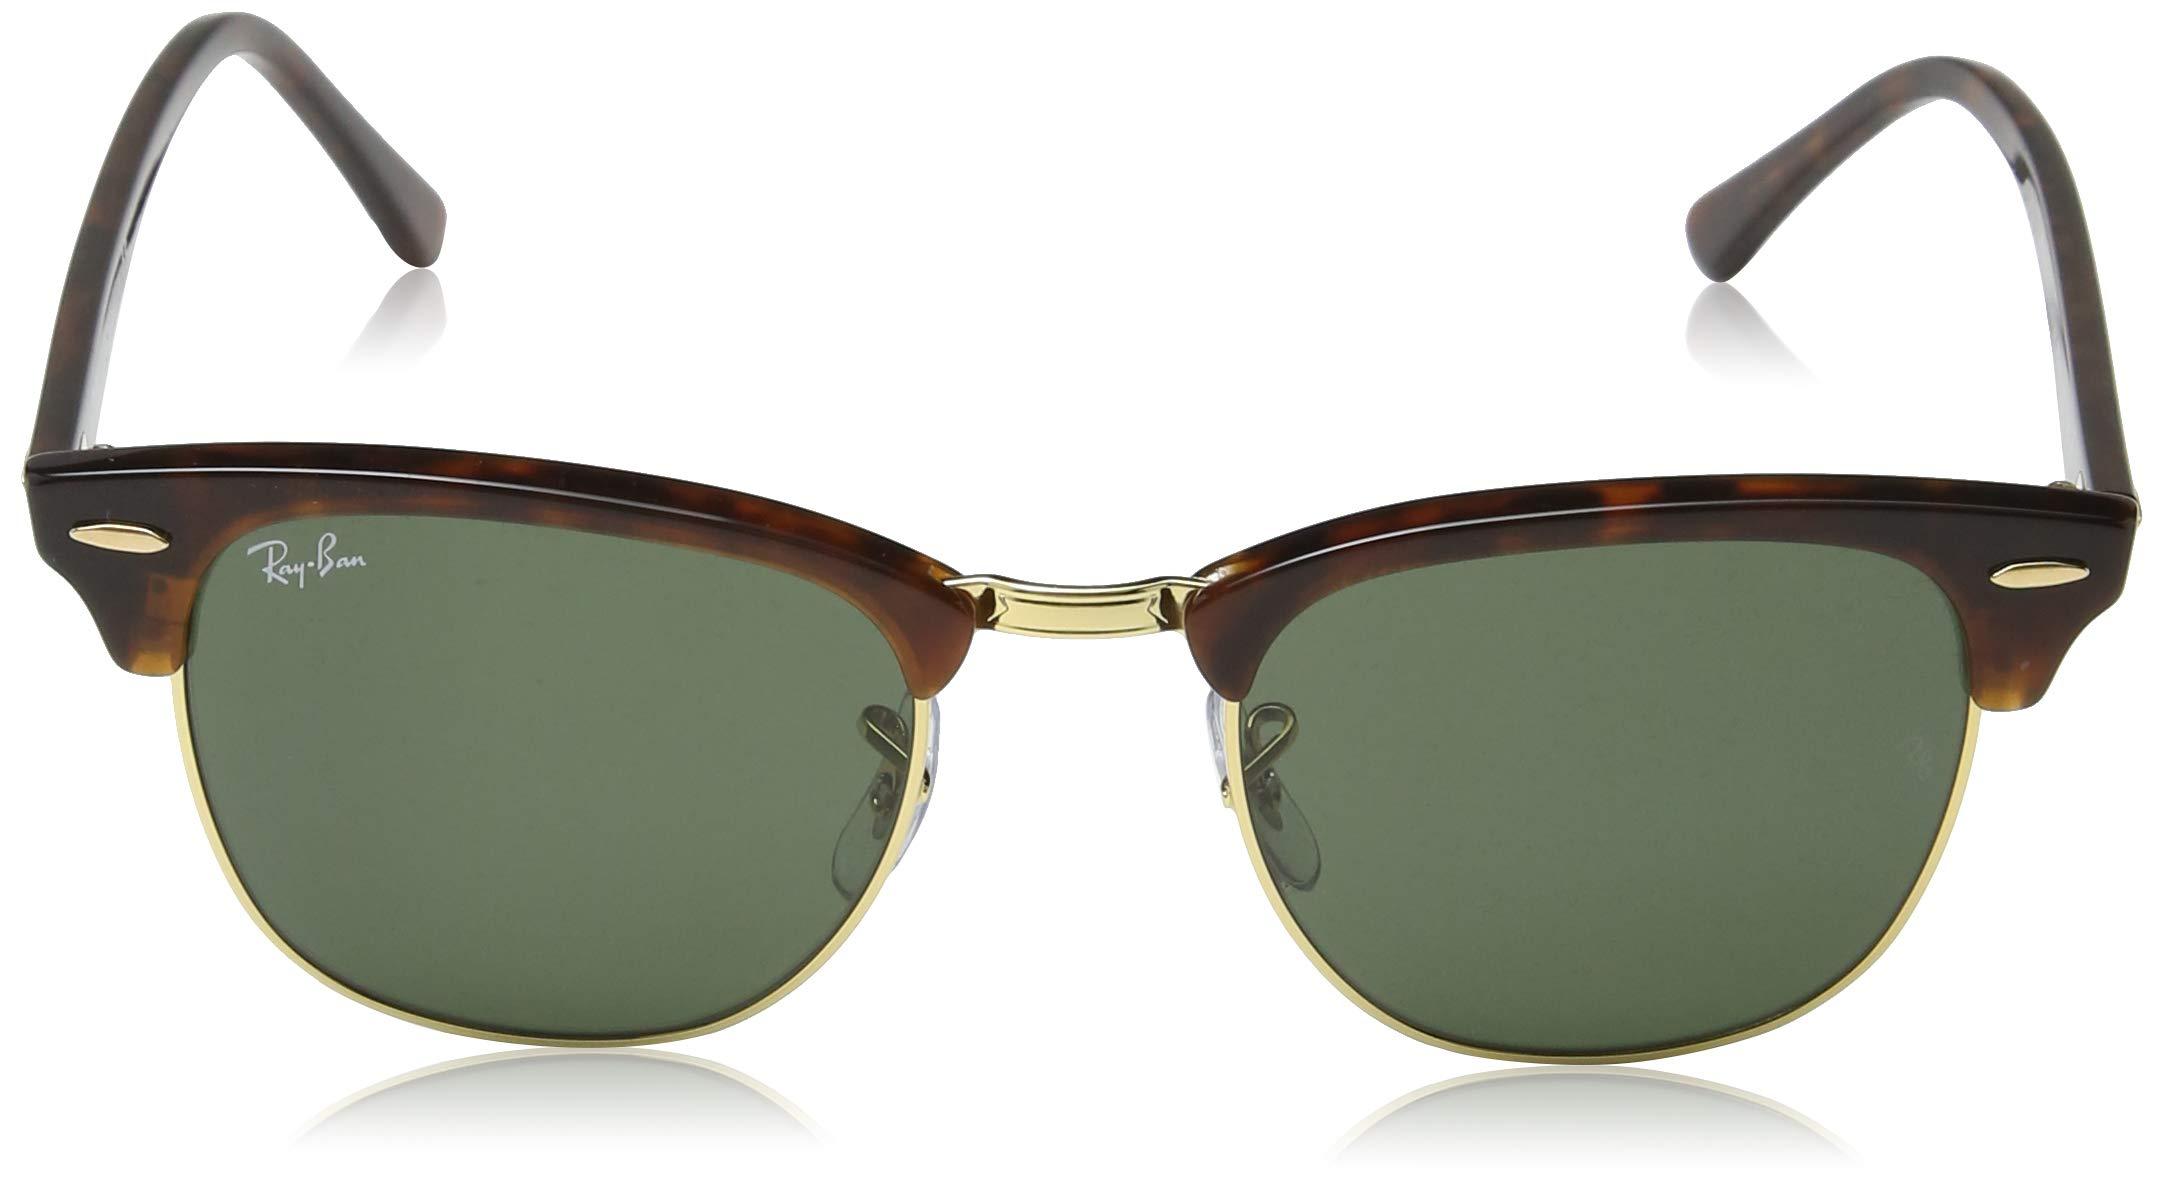 6899f9791e Ray-Ban Gafas de sol para Mujer - Hombre Moderno